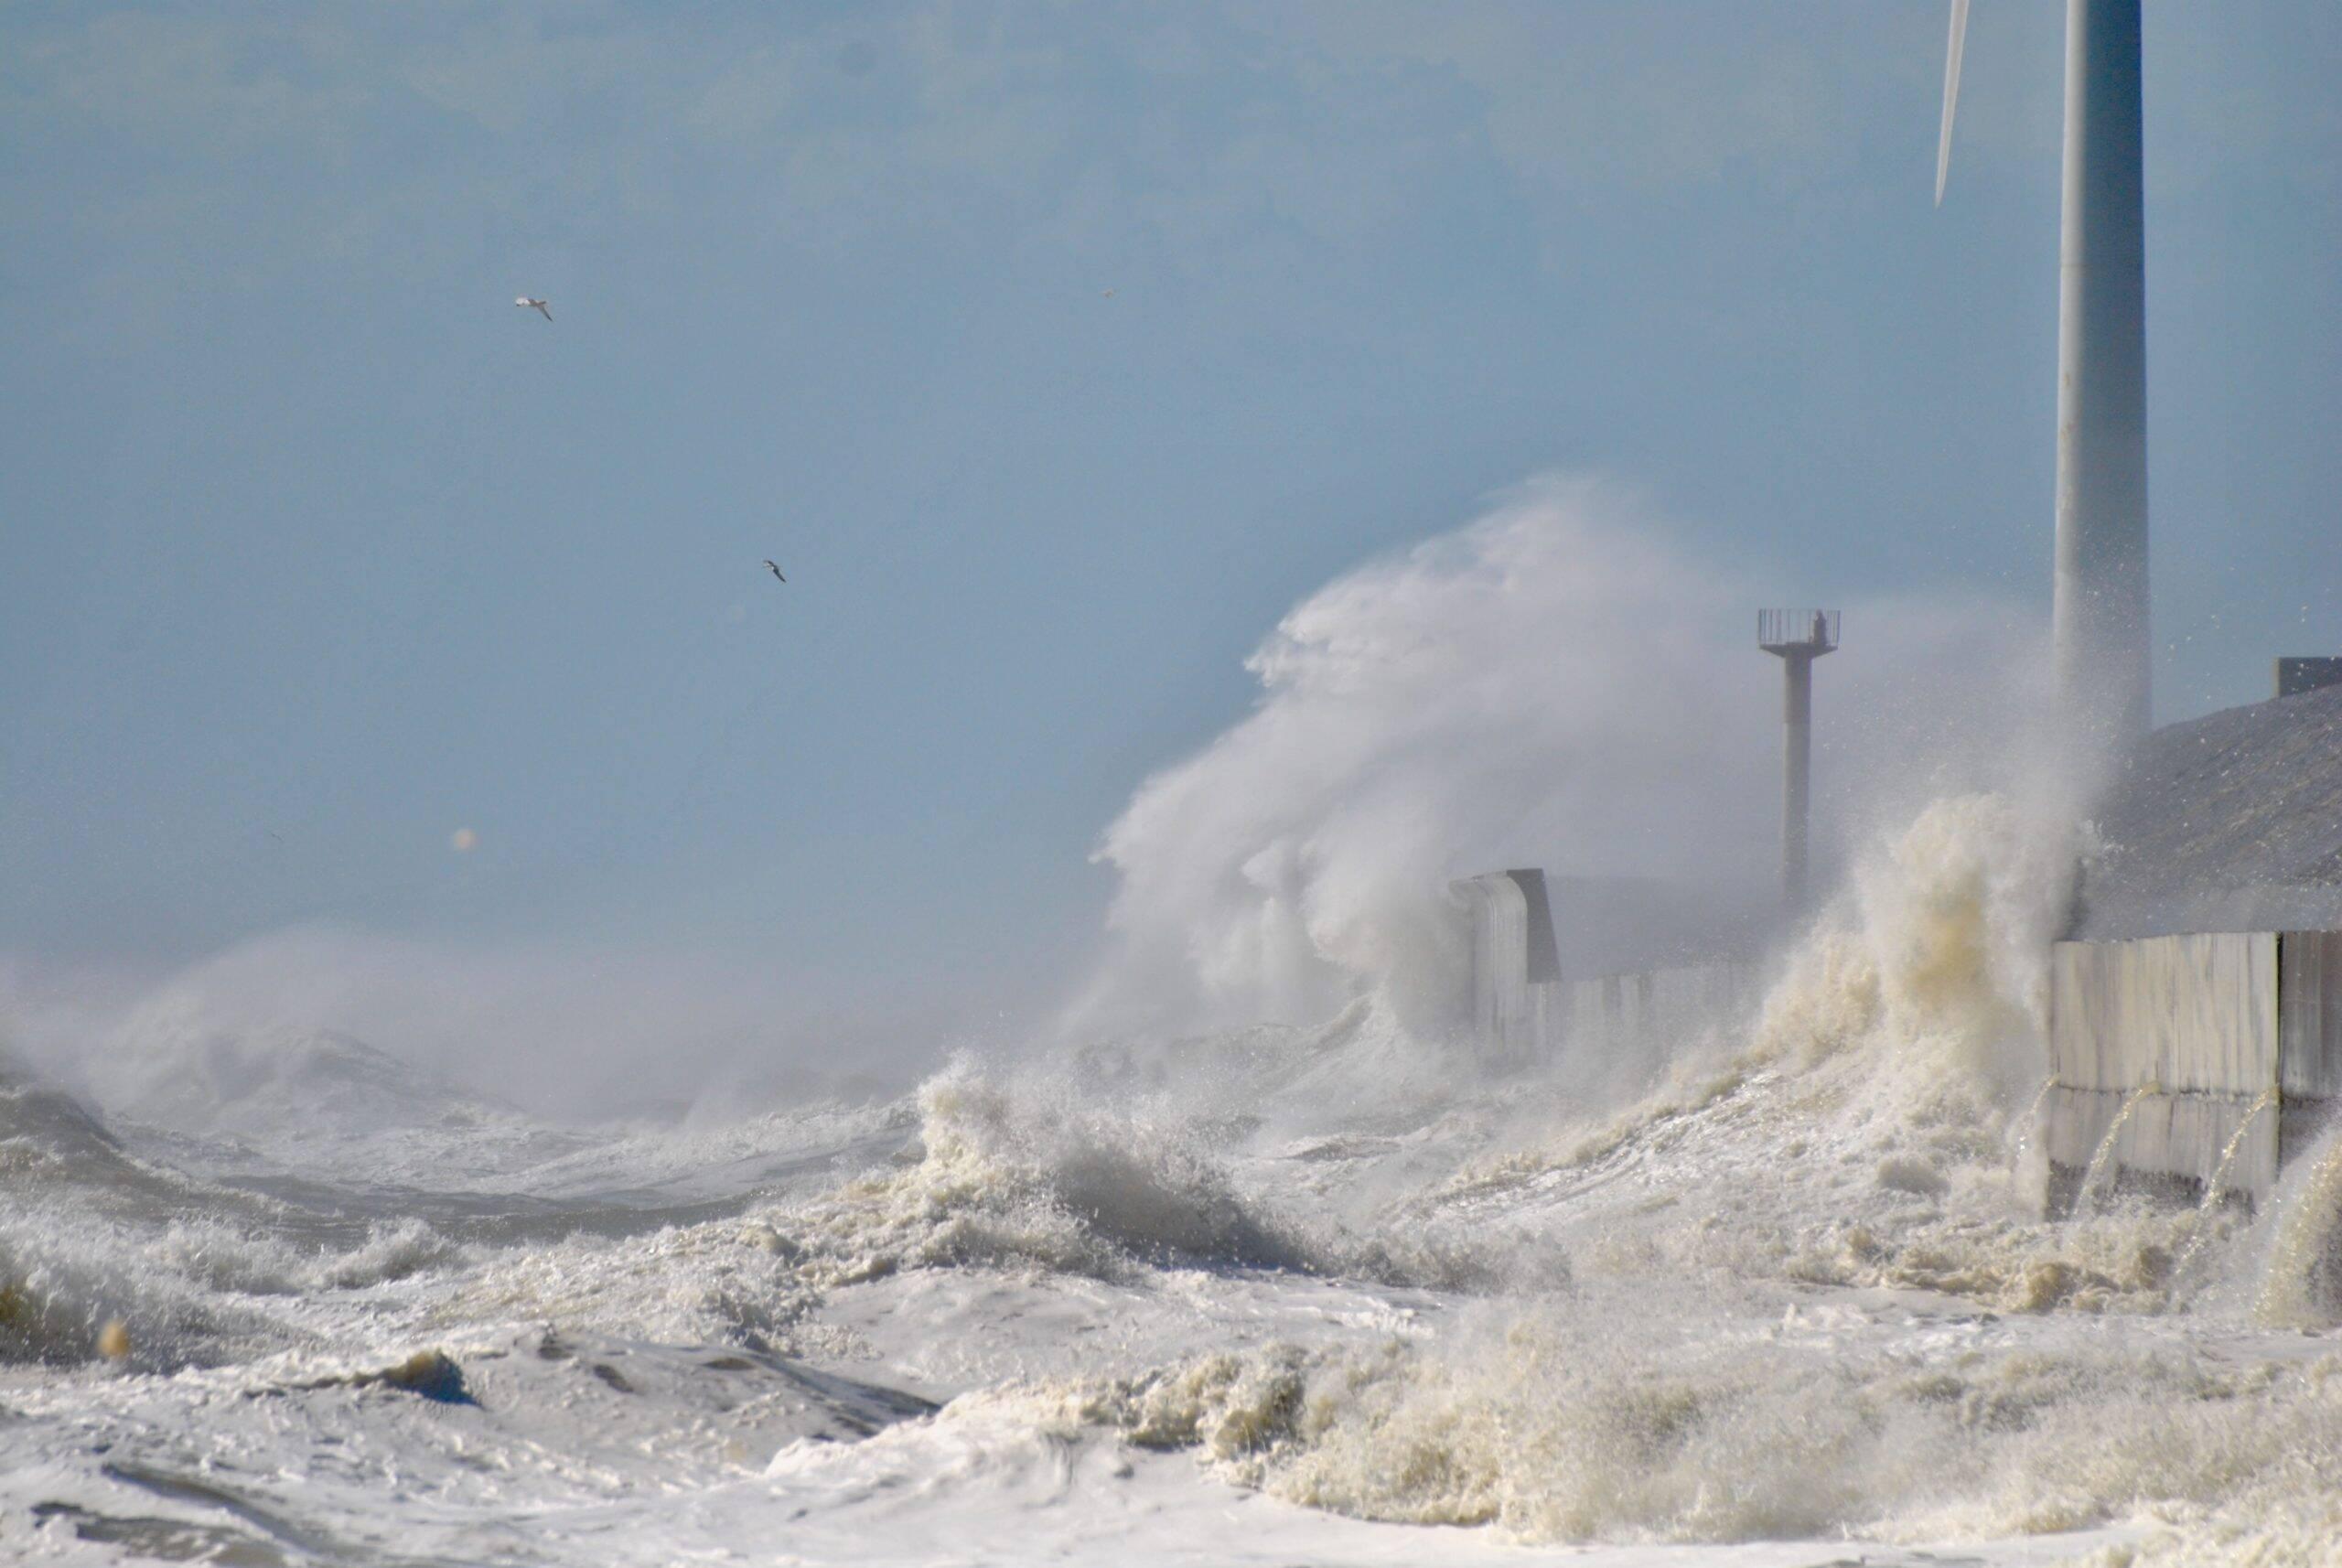 As ondas de 21 metros, percorreram muitos lugares durante três dias, chegando atingir a Austrália. (Foto: Unsplash)